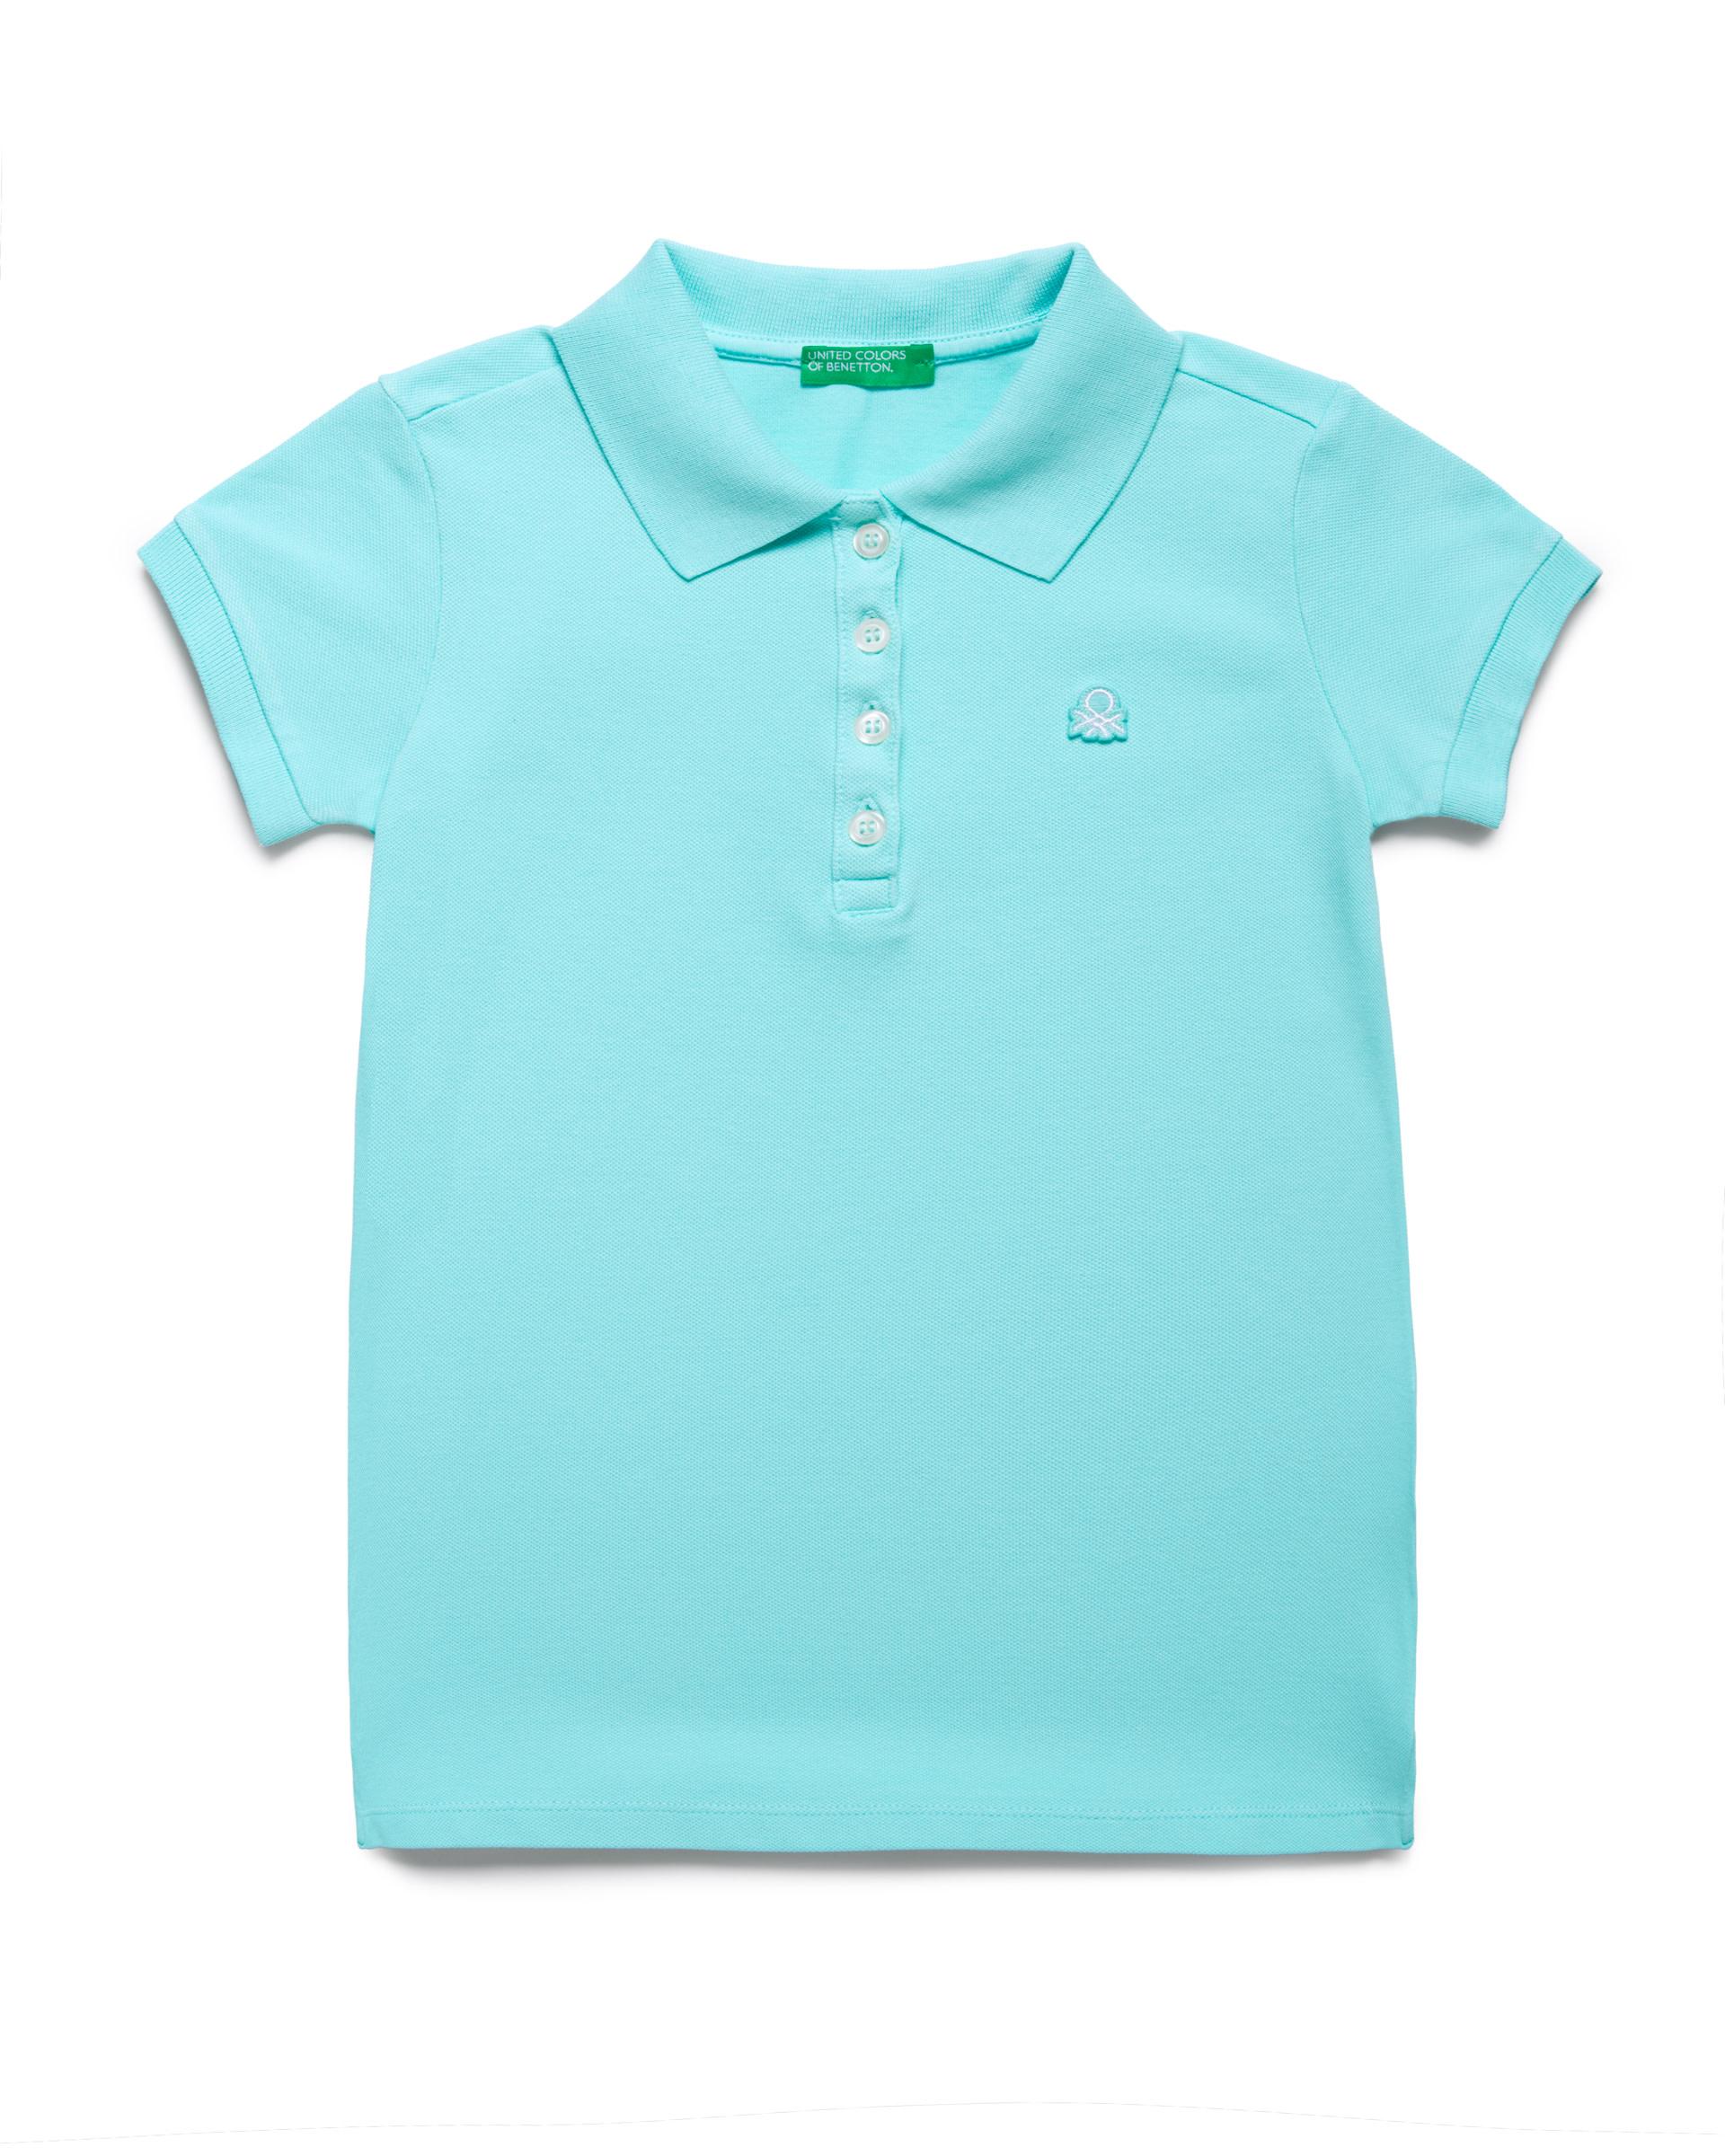 Купить 20P_3WG9C3092_0Z8, Поло-пике для девочек Benetton 3WG9C3092_0Z8 р-р 170, United Colors of Benetton, Детские футболки